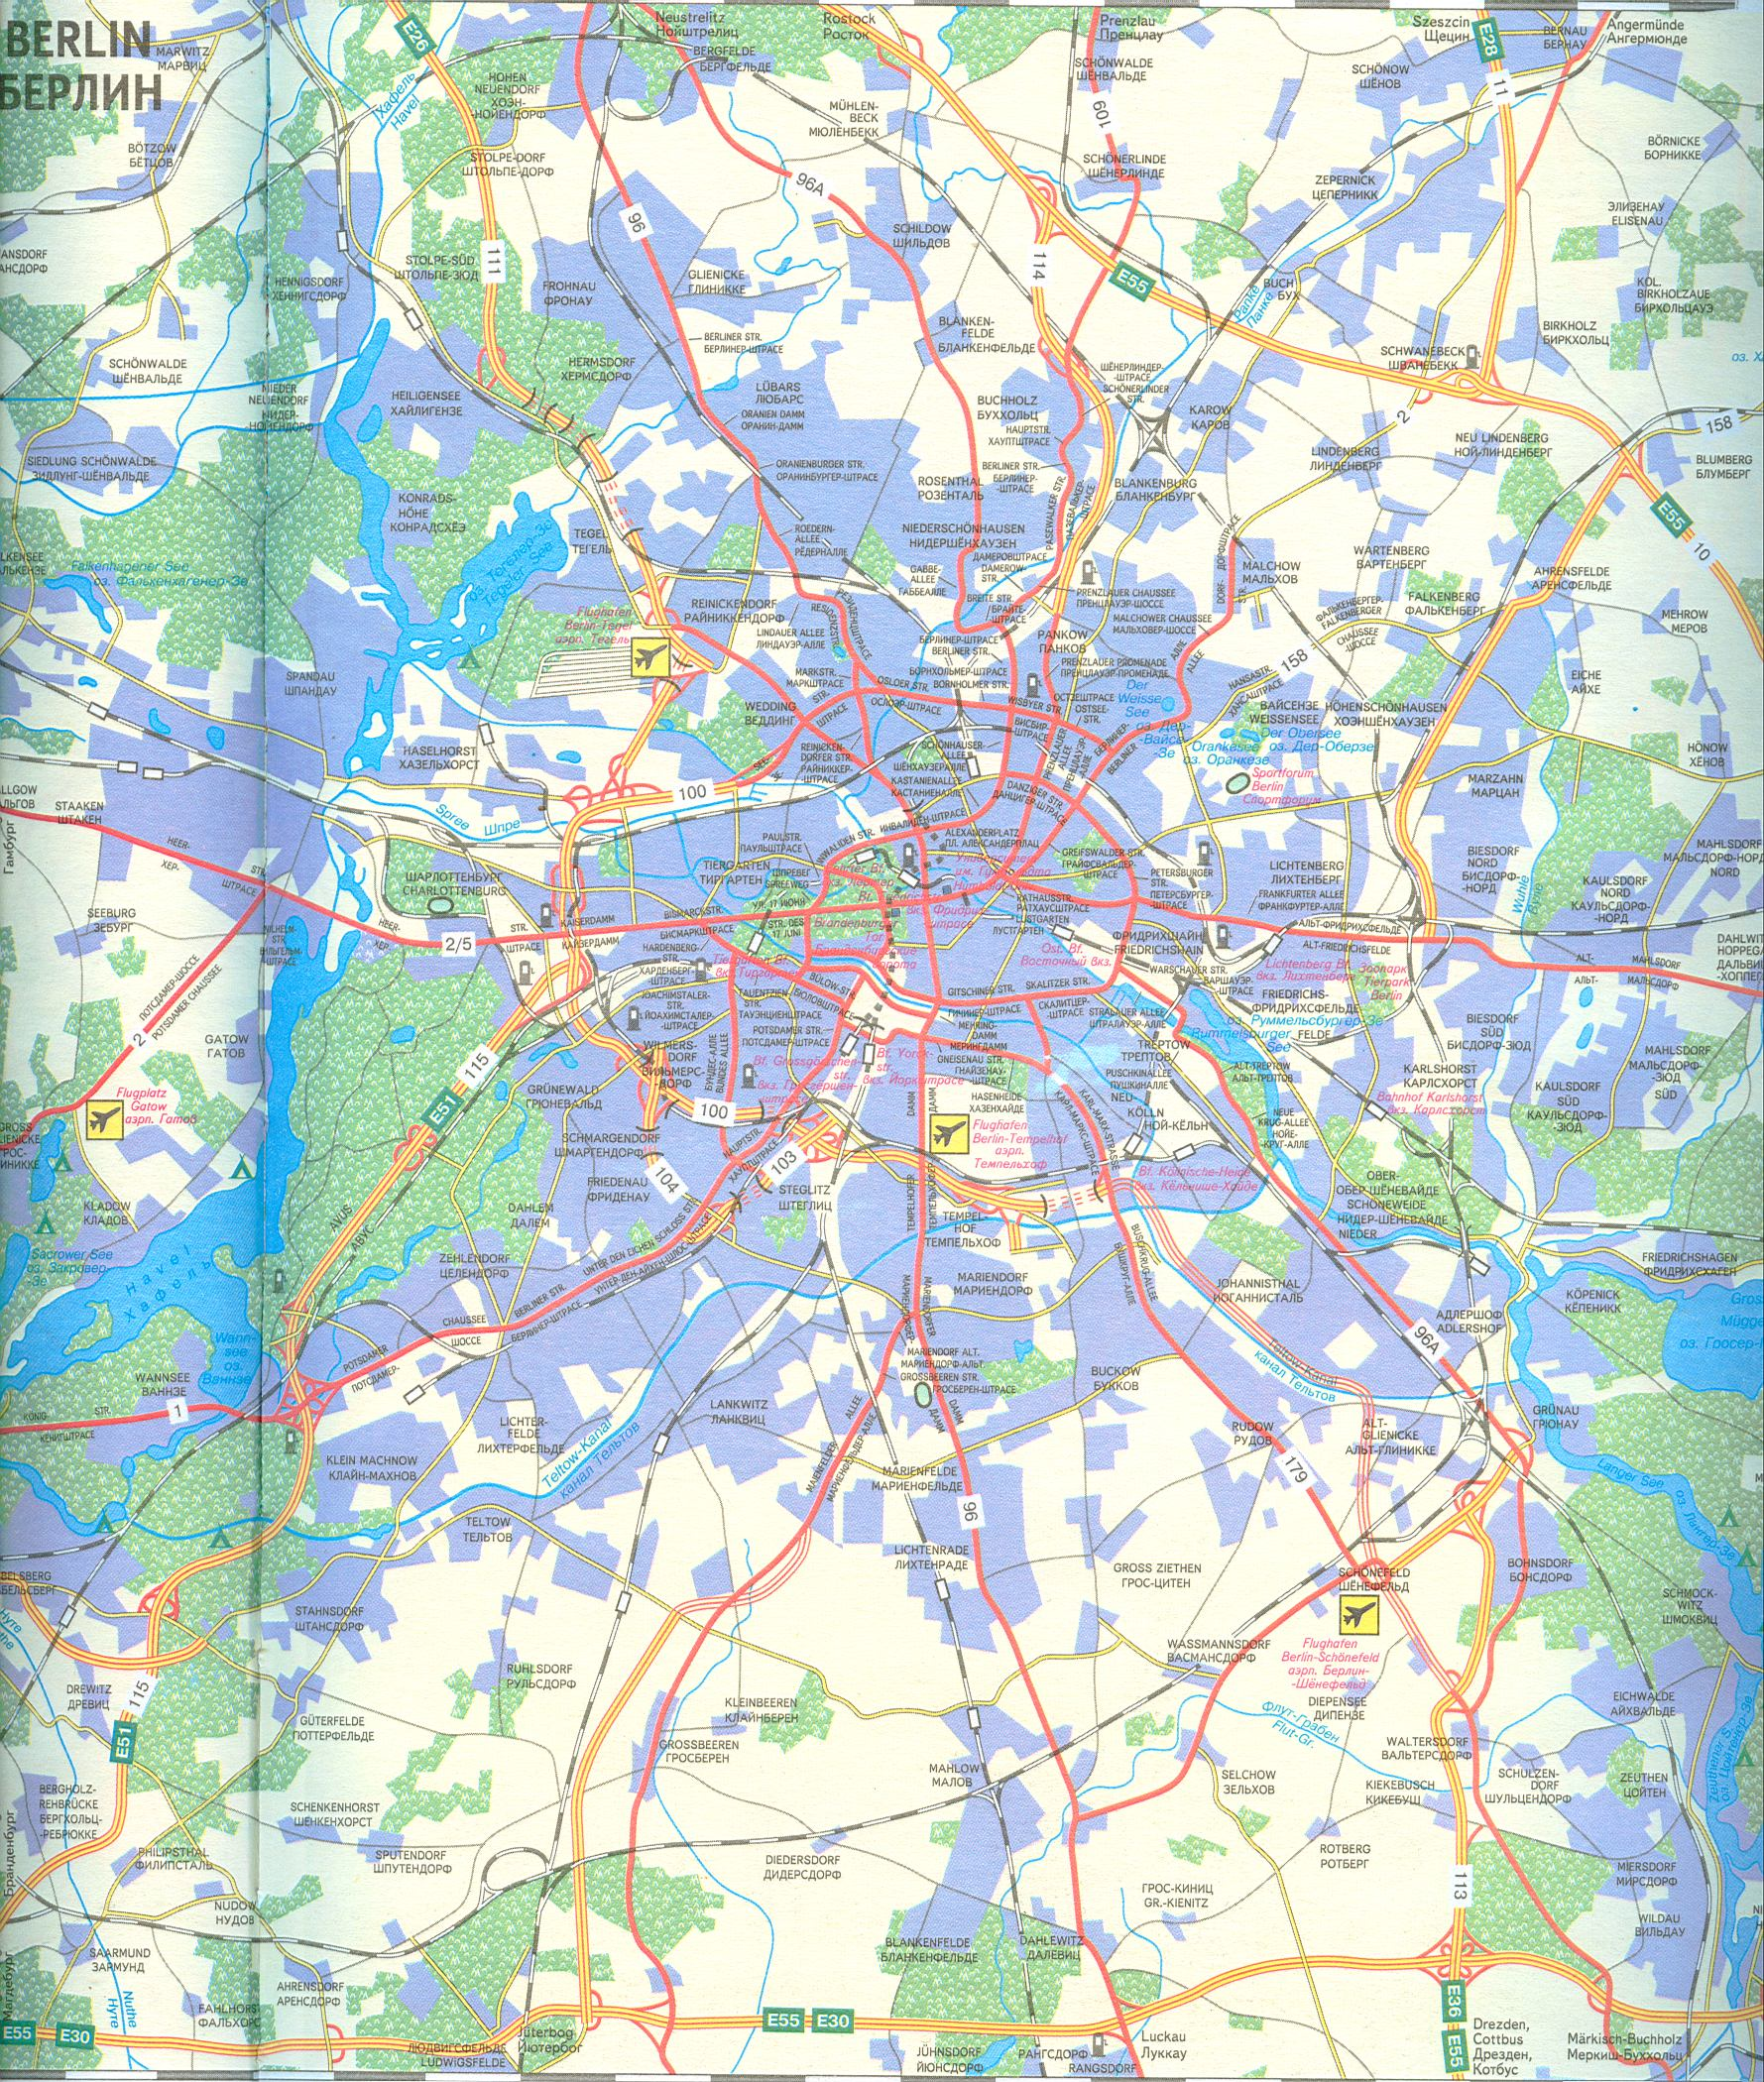 Карта - схема транспортных магистралей Берлина, аэропорты, железные дороги.